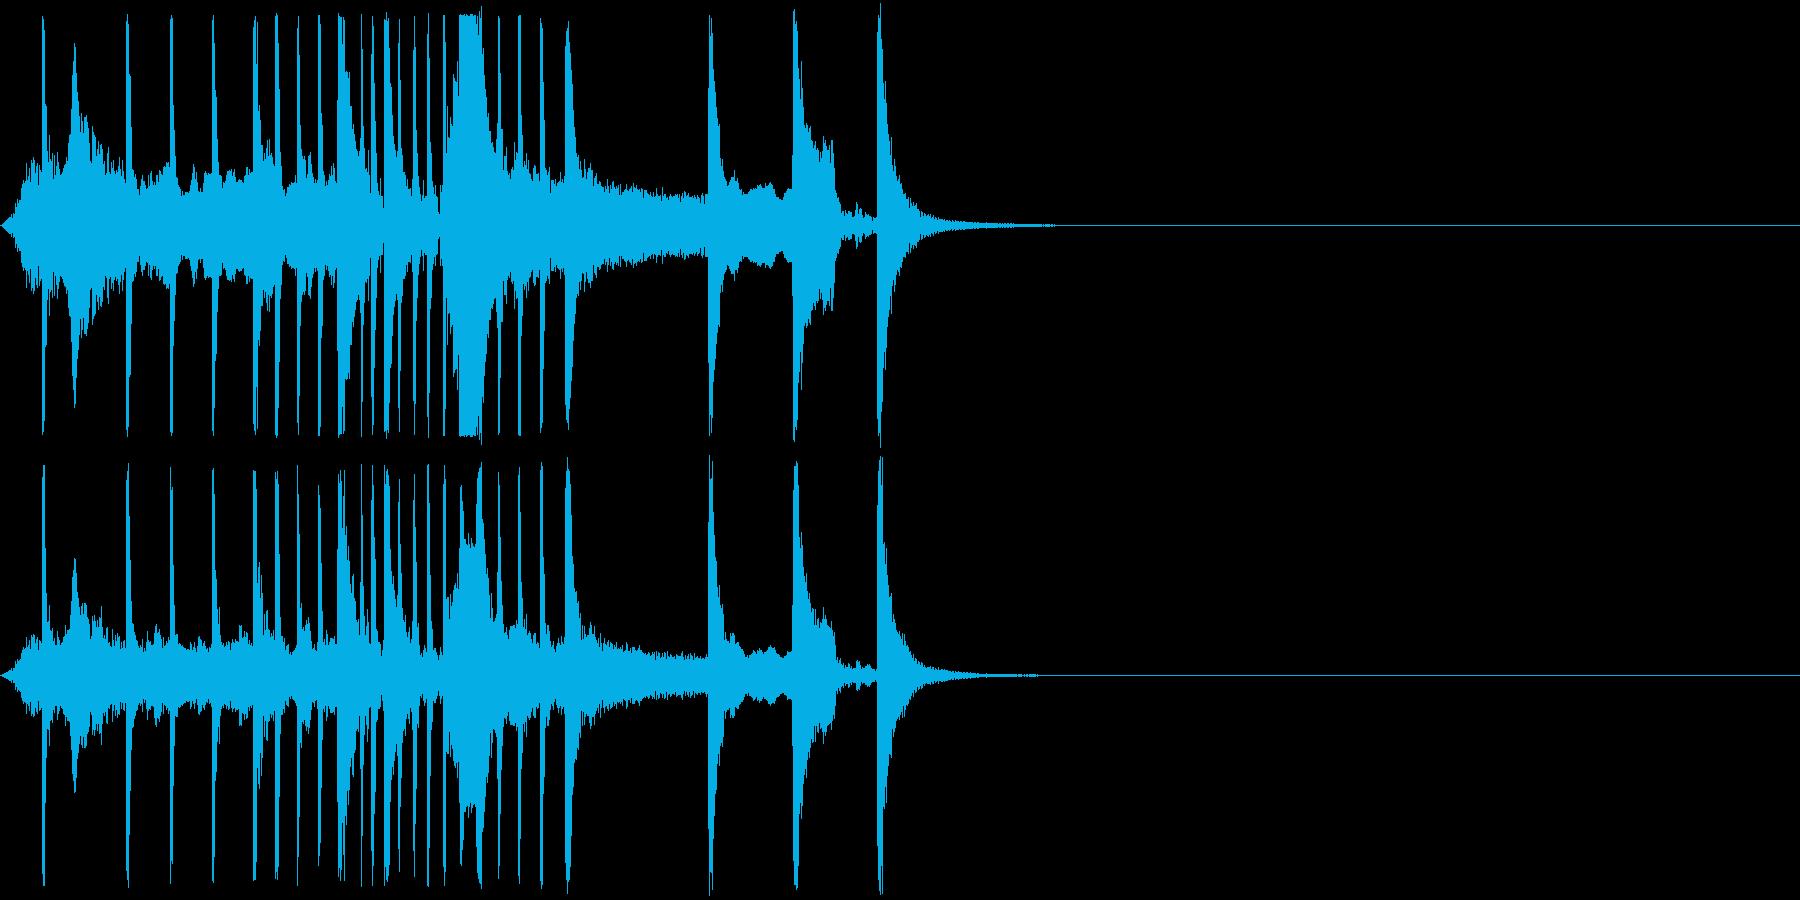 日本楽器 いよーー ちんちん japanの再生済みの波形